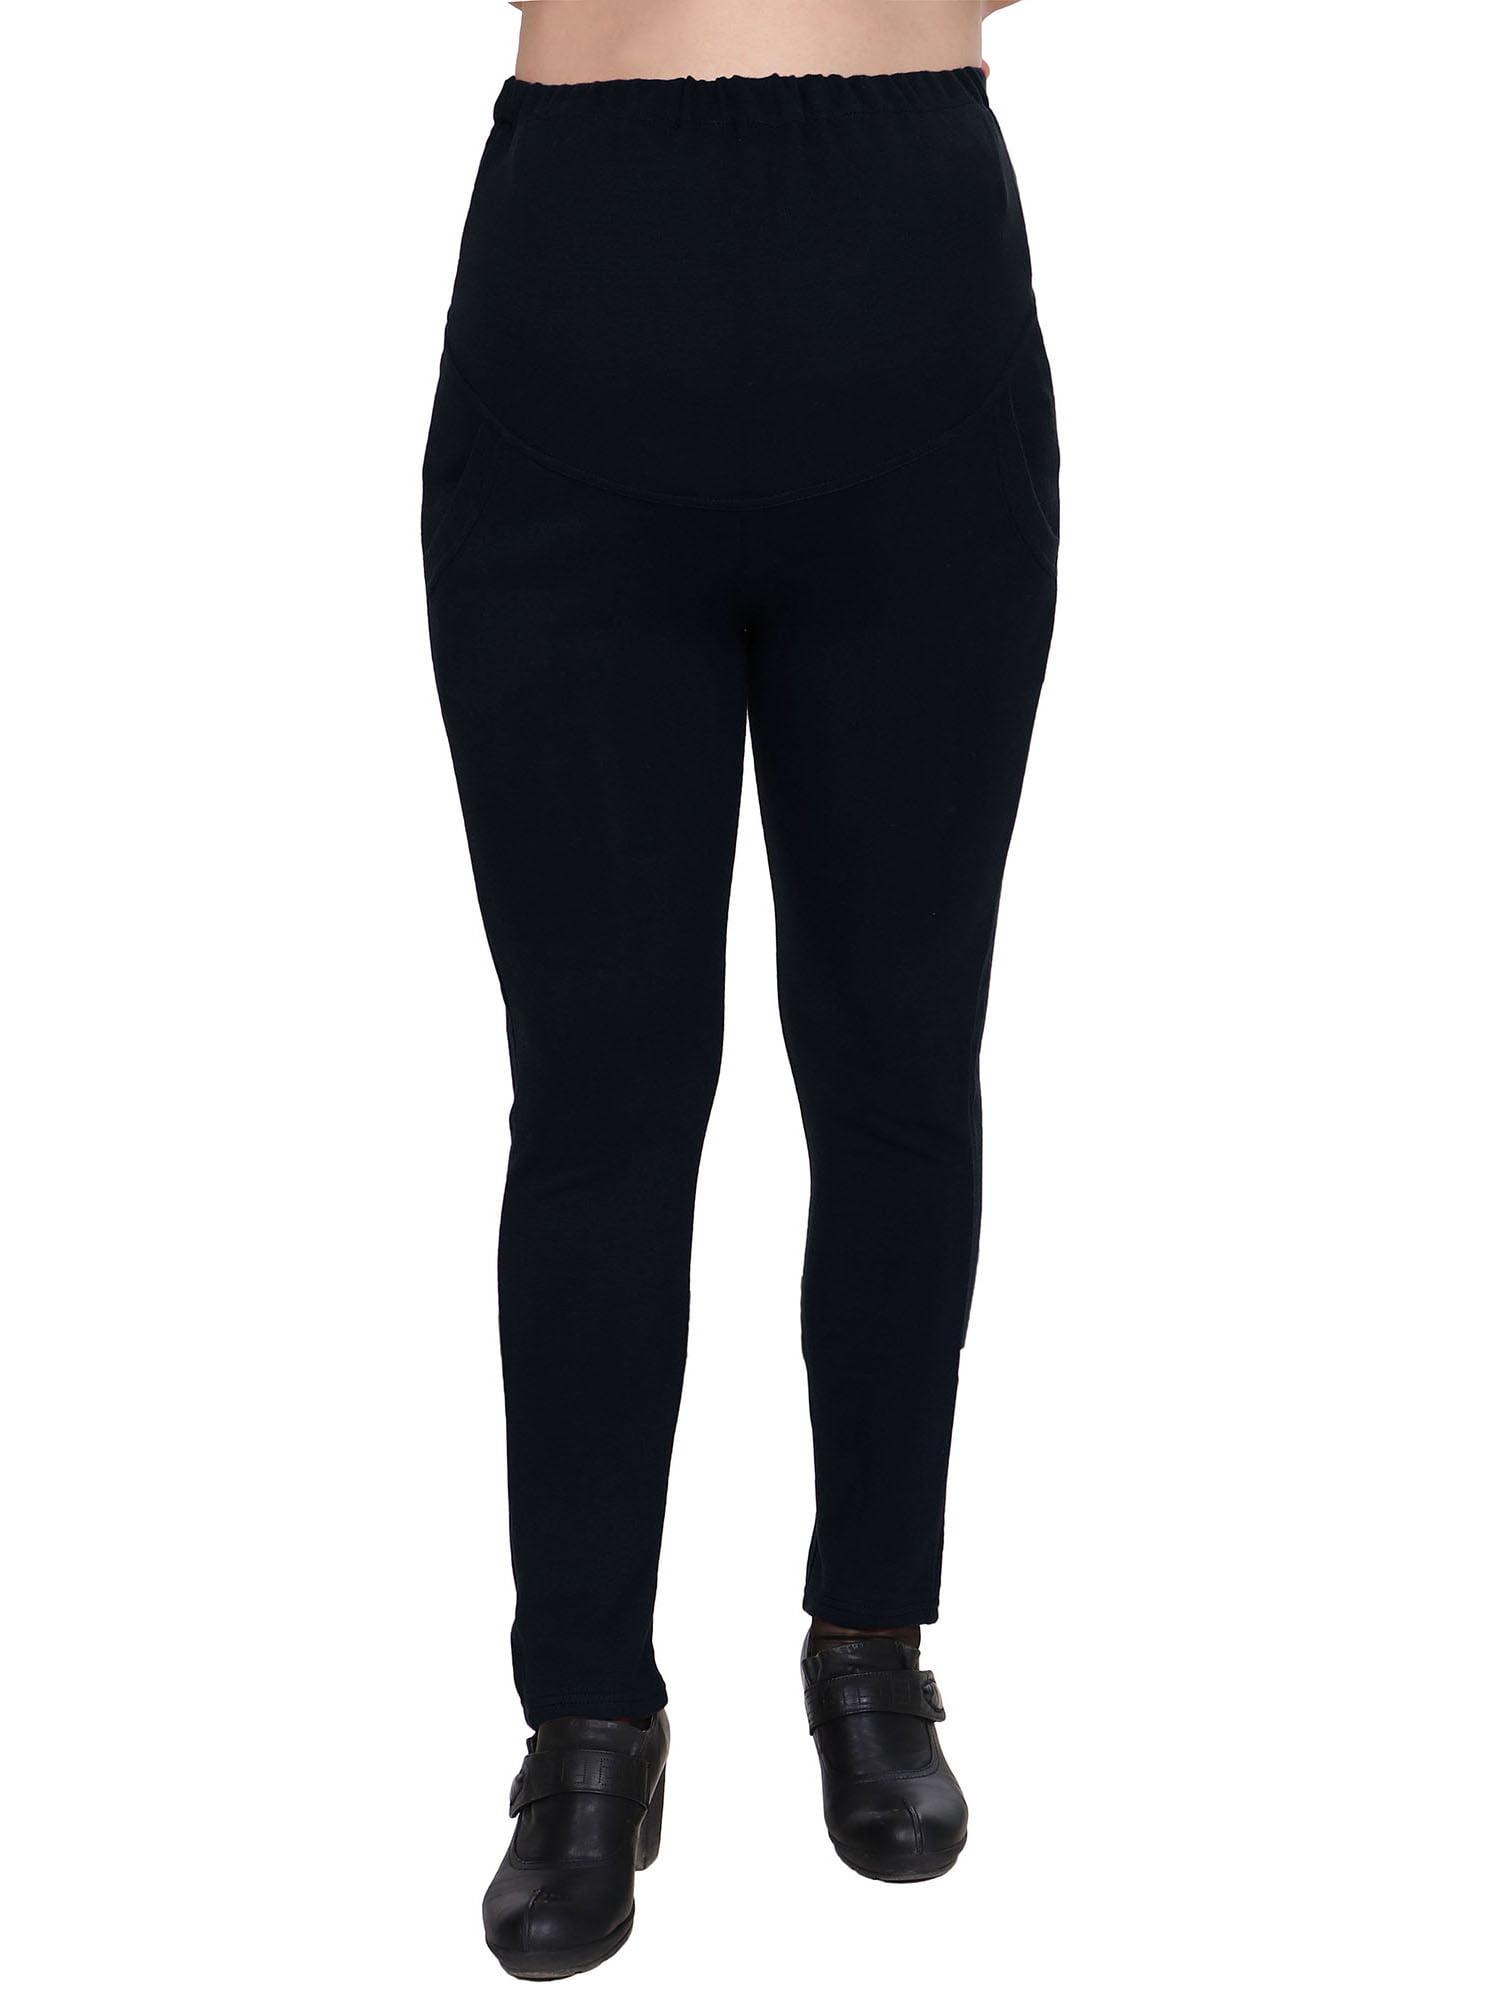 Women Cotton Blend Pants Full Length Maternity Leggings,Black